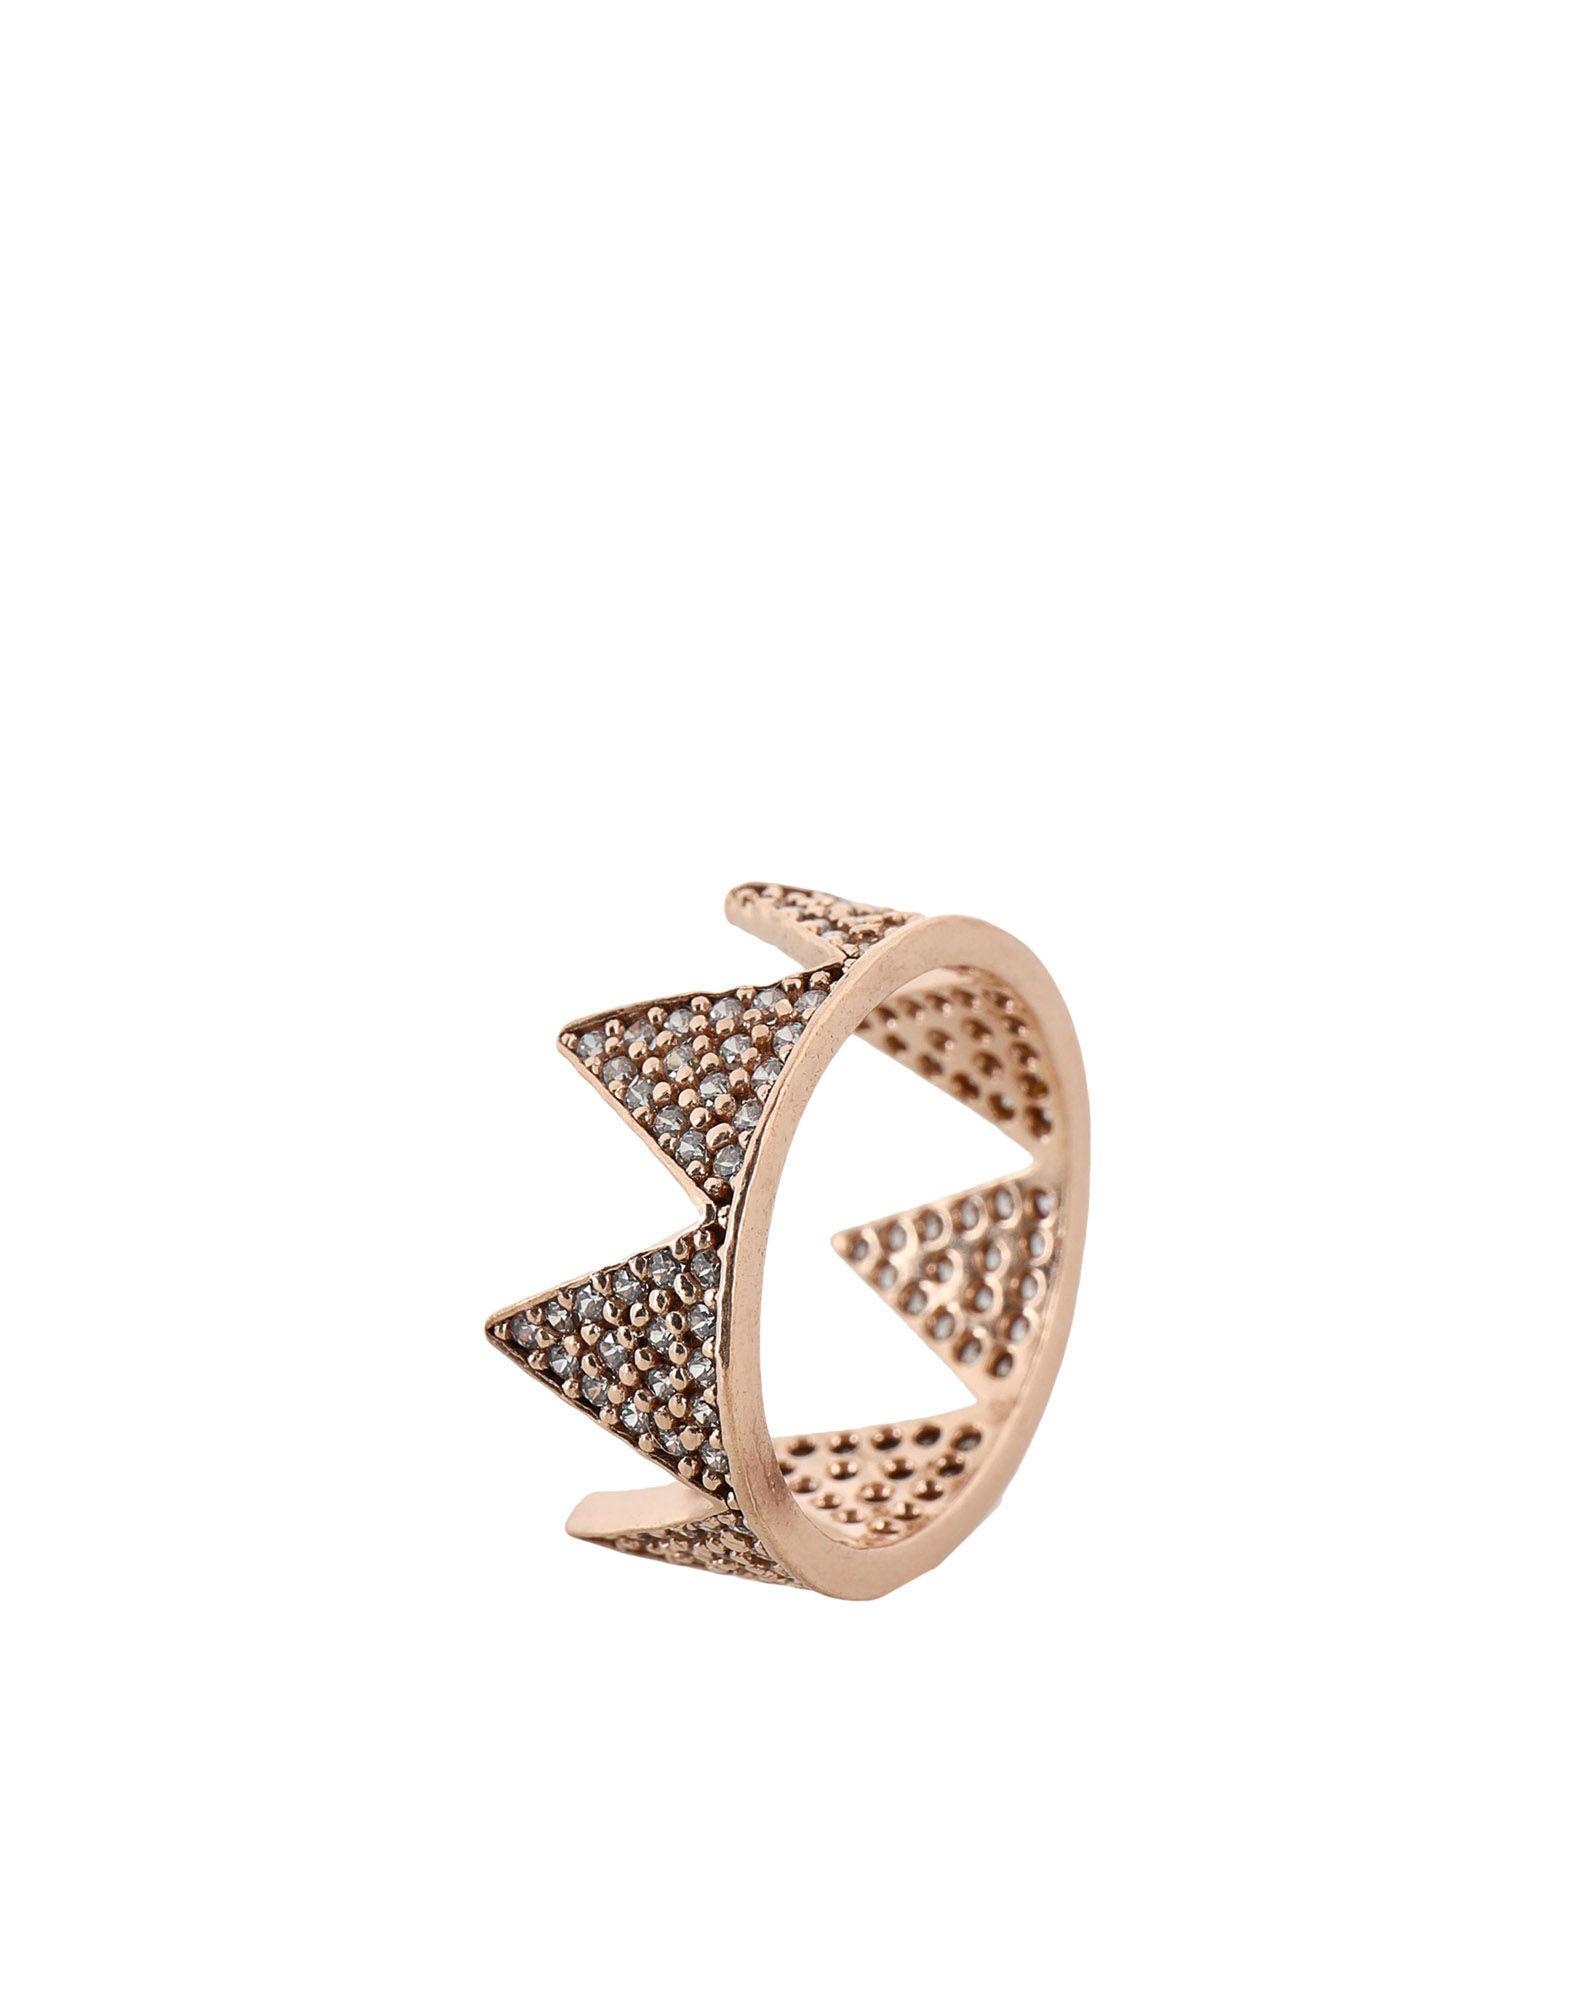 《セール開催中》FIRST PEOPLE FIRST レディース 指輪 カッパー 7 シルバー925/1000 / 18金メッキ / キュービックジルコニア Hestia Full Zircon Crown Ring